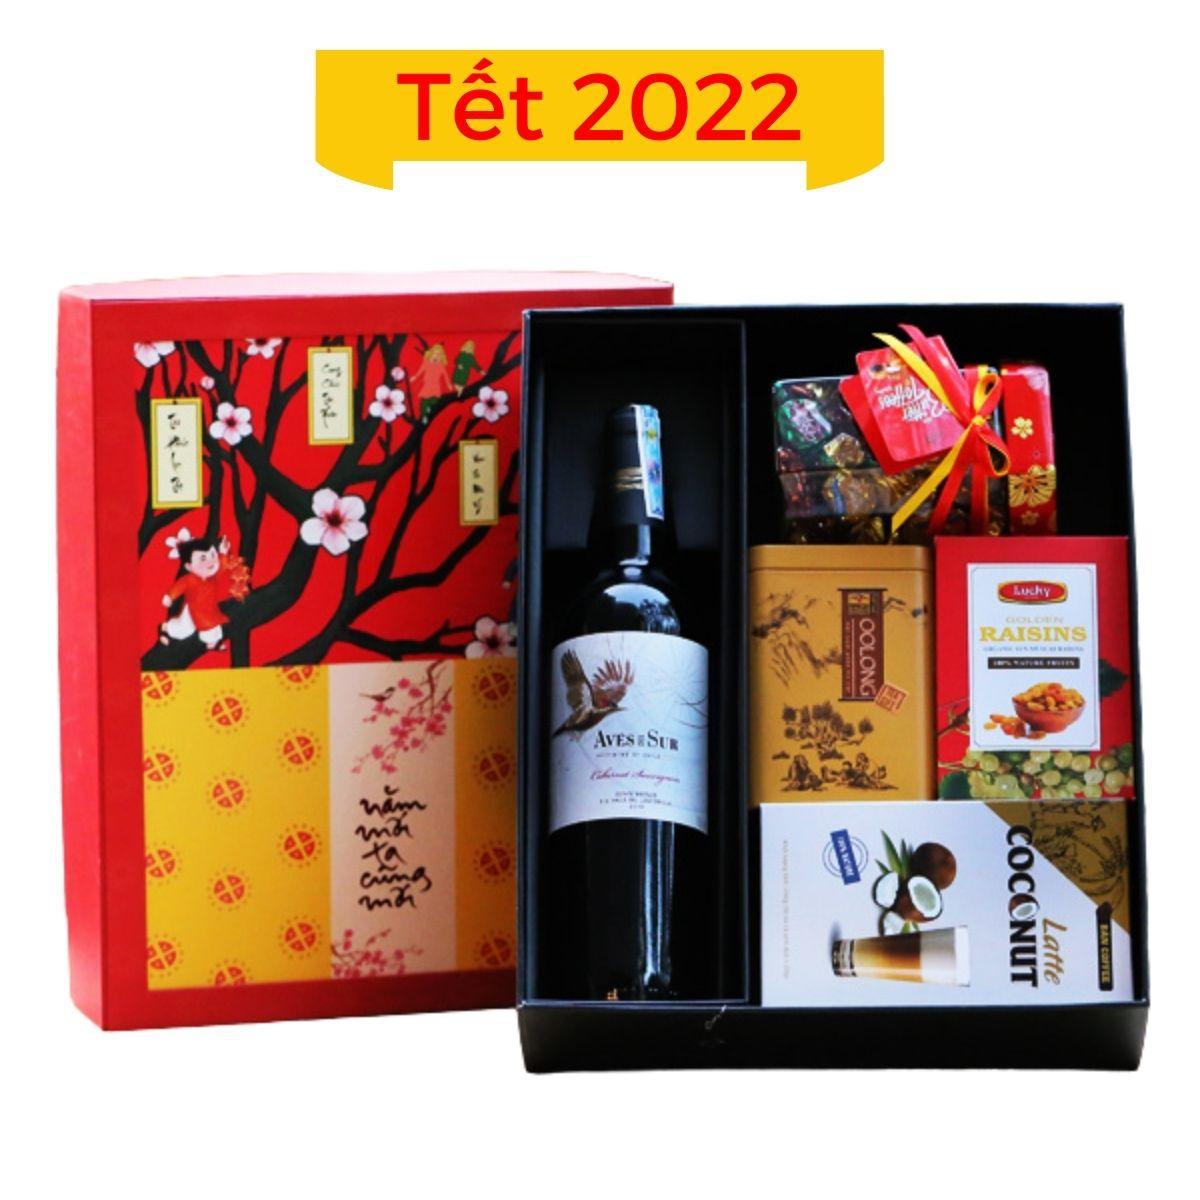 Hộp quà Tết 2022 mẫu 02